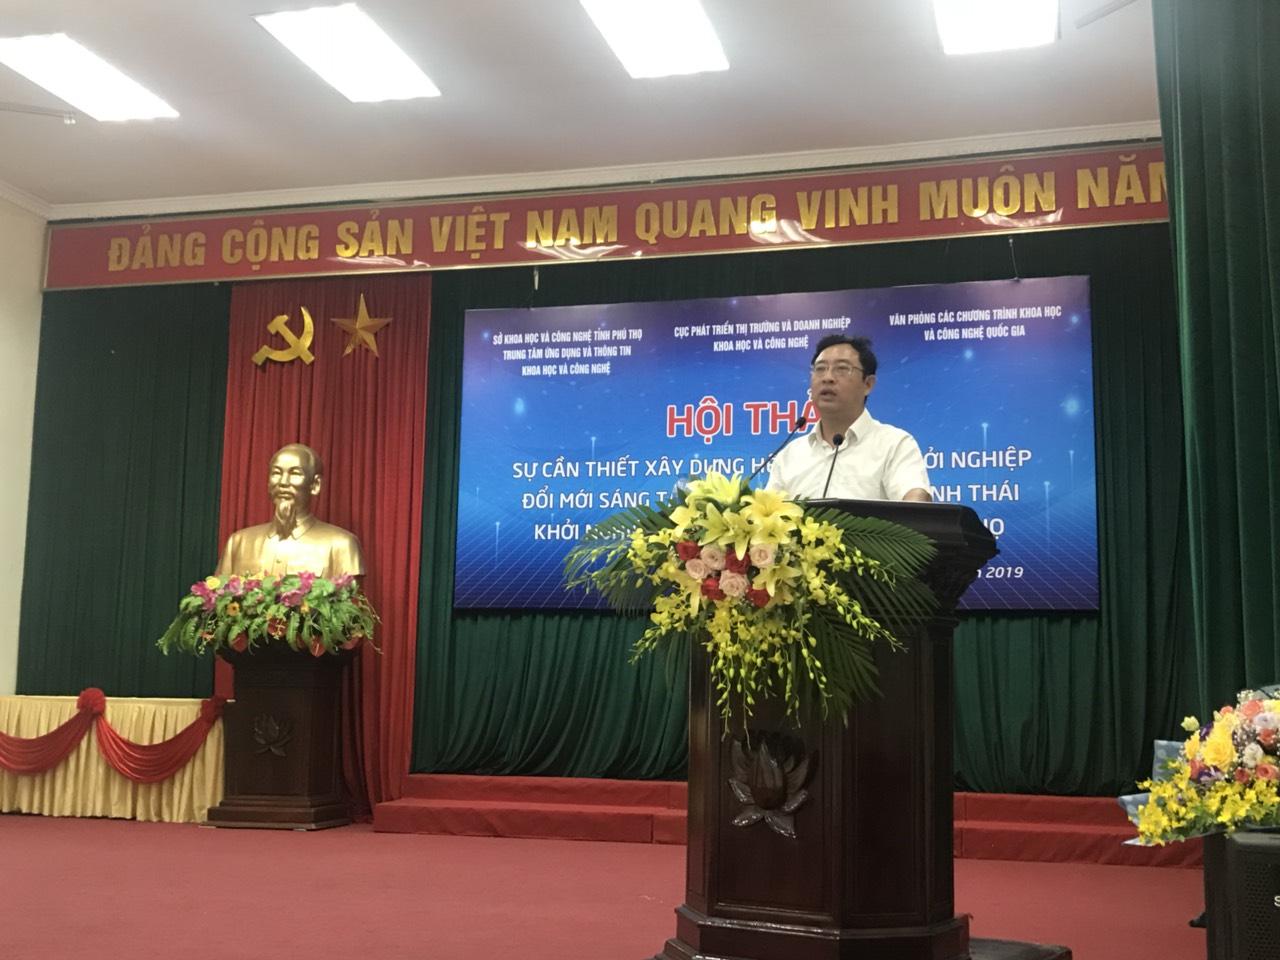 Ông Phạm Hồng Quất tại buổi  hội thảo về hệ sinh thái khởi nghiệp đổi mới sáng tạo ở Phú Thọ | Ảnh: BTC